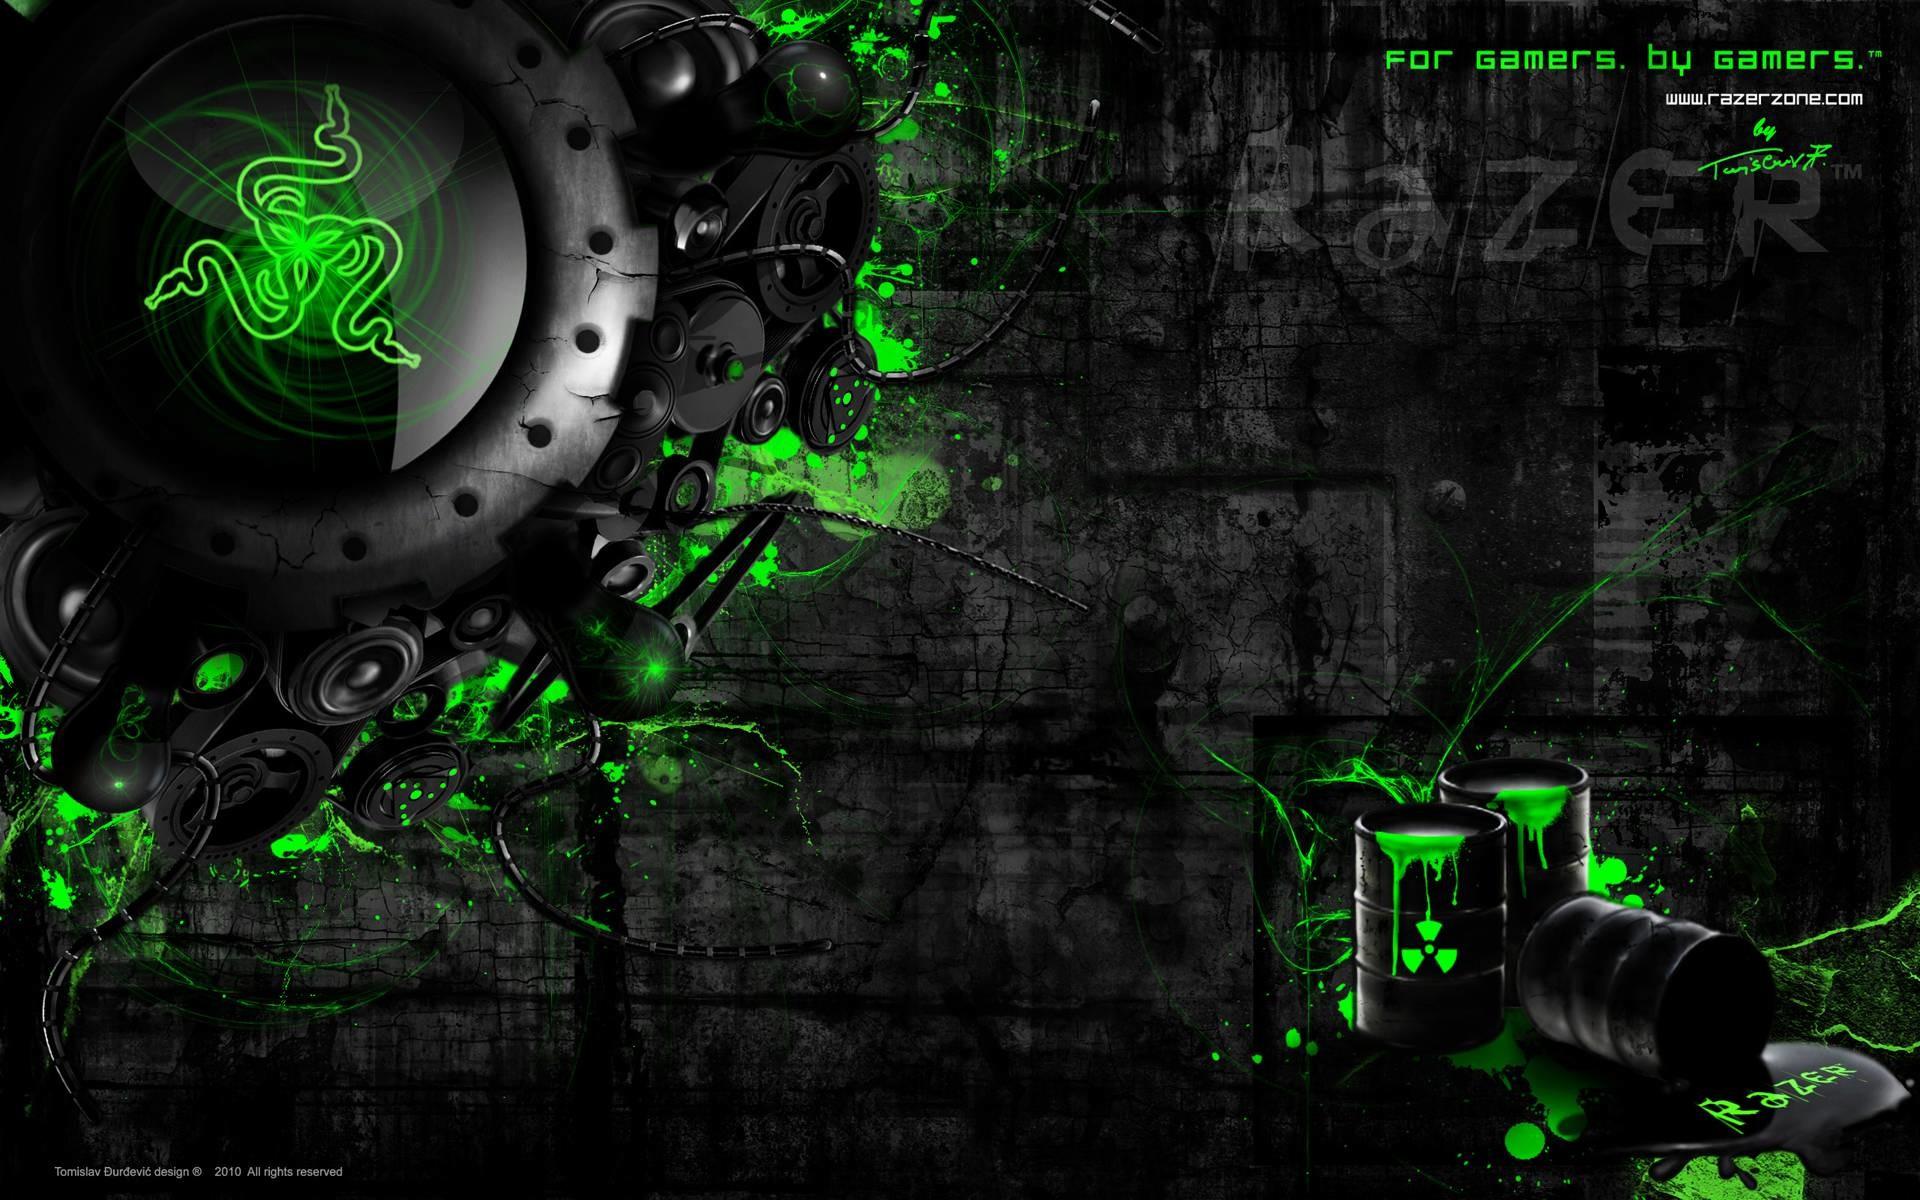 Razer Desktop WallPaper HD – IMASHON.